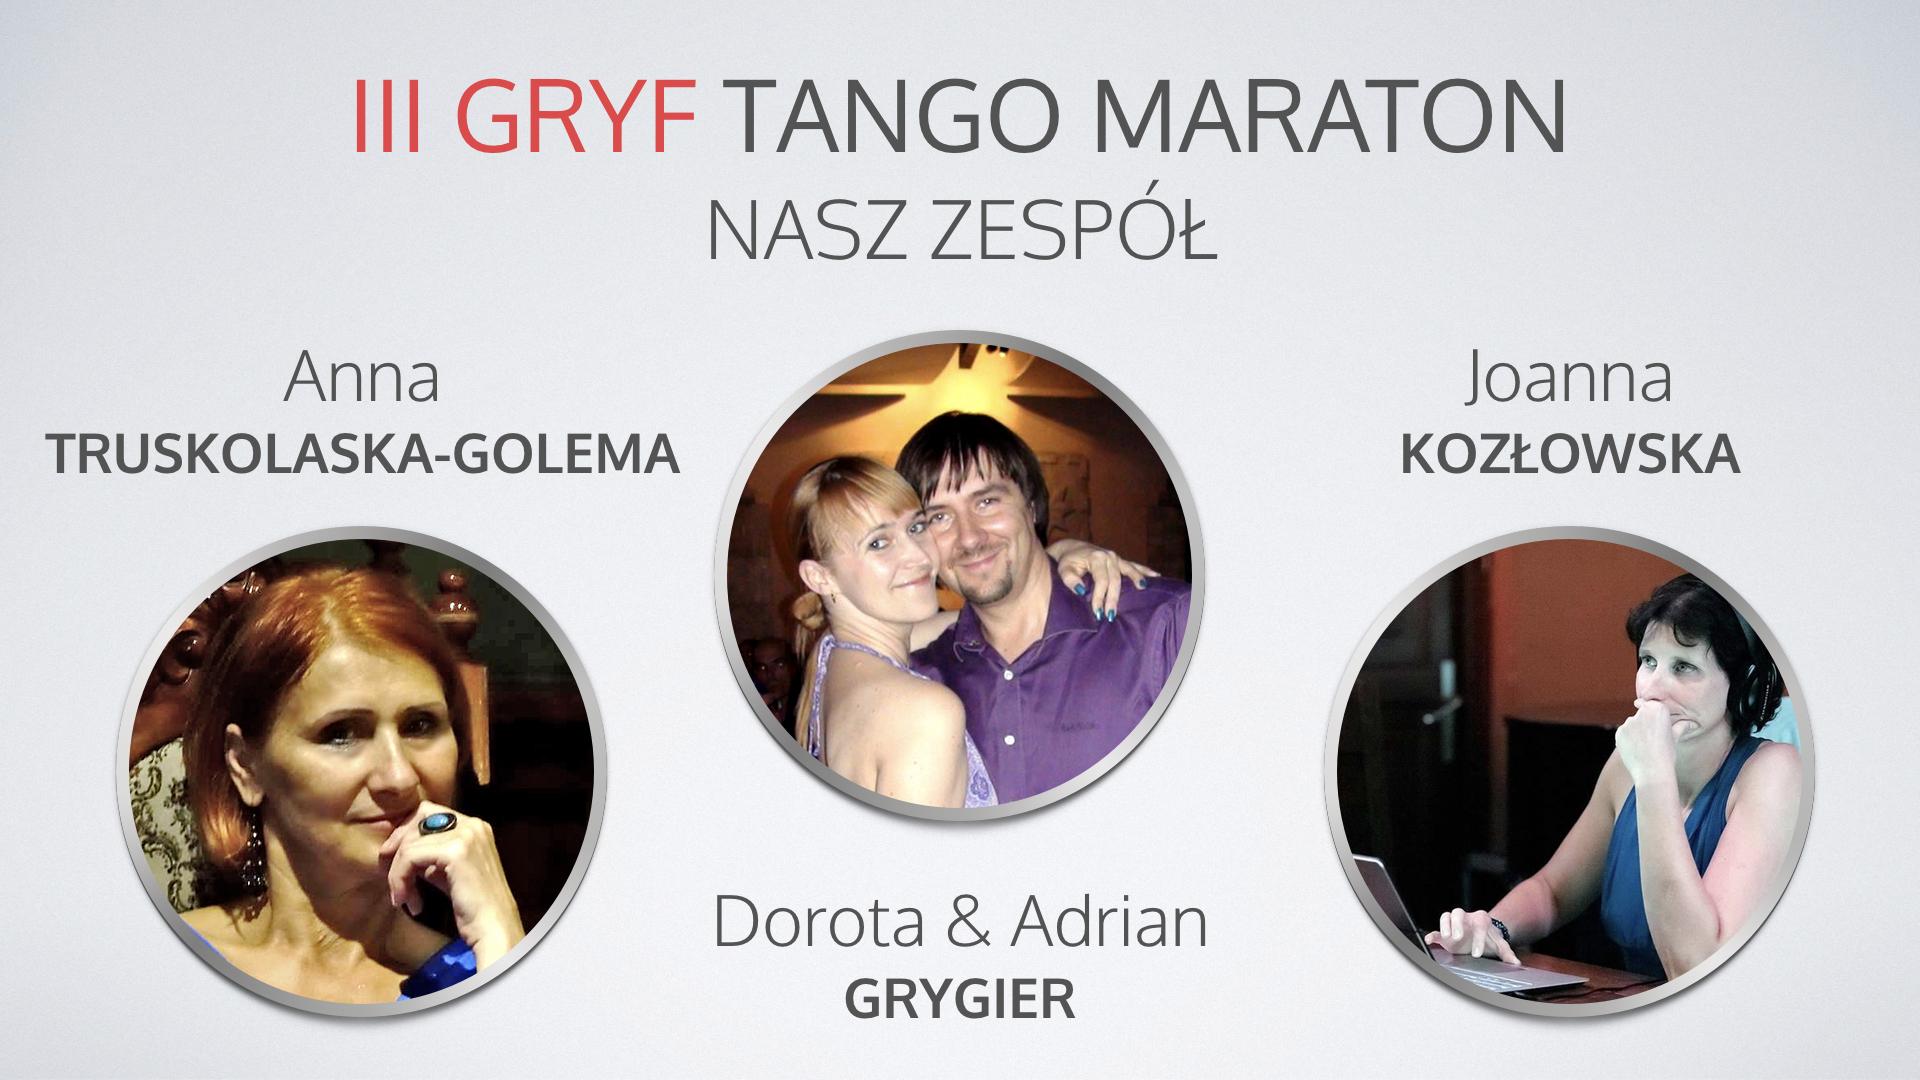 III Gryf Tango Maraton Nas Zespół